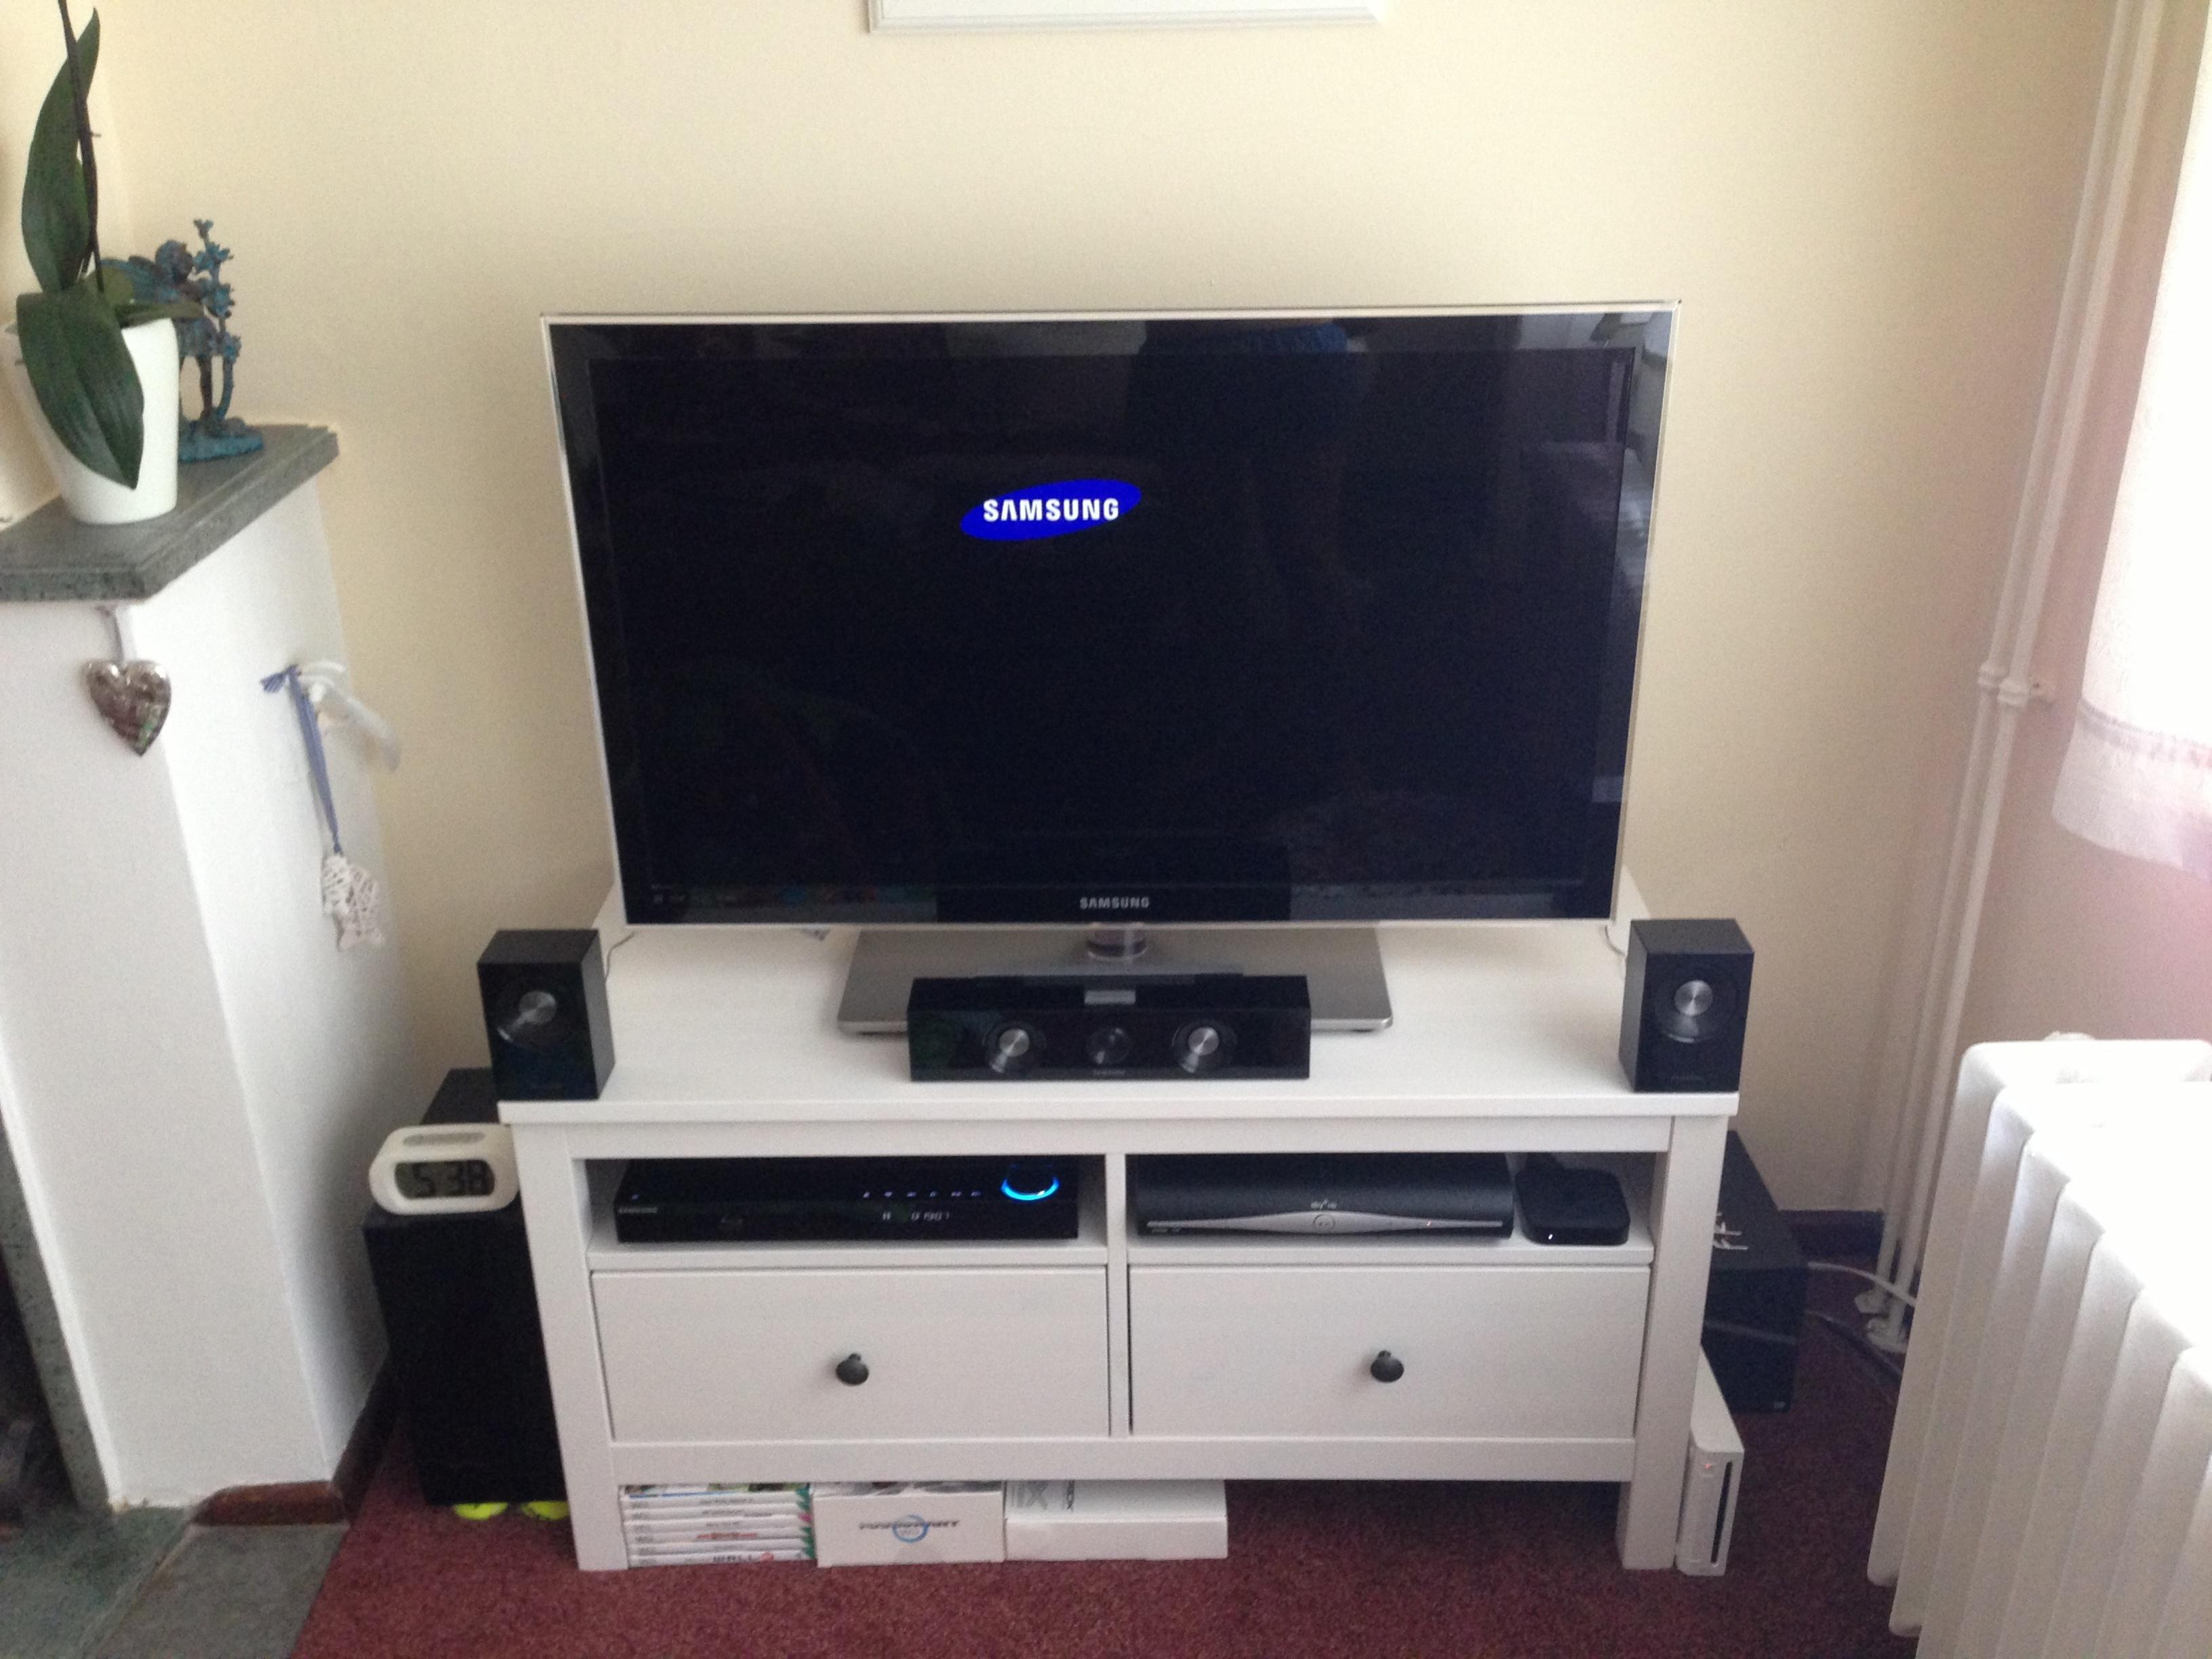 neue blu ray receiver 5 1 anlage bis 750 eur muss her. Black Bedroom Furniture Sets. Home Design Ideas